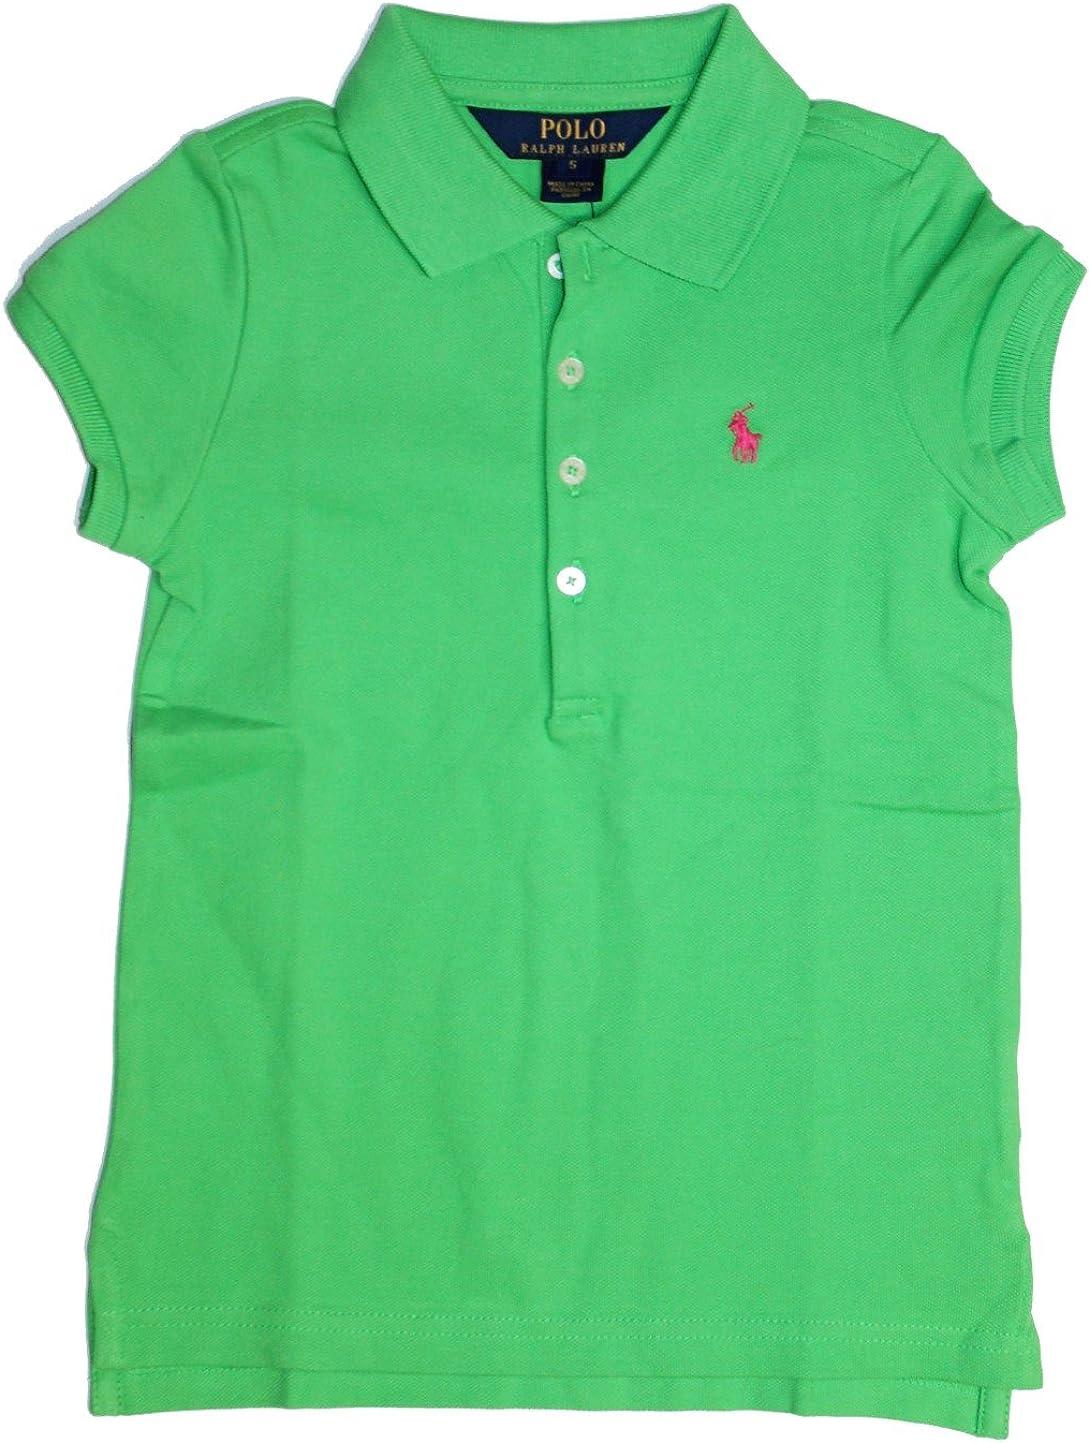 Polo_Ralph Lauren - Camiseta de manga corta - para niña Verde ...